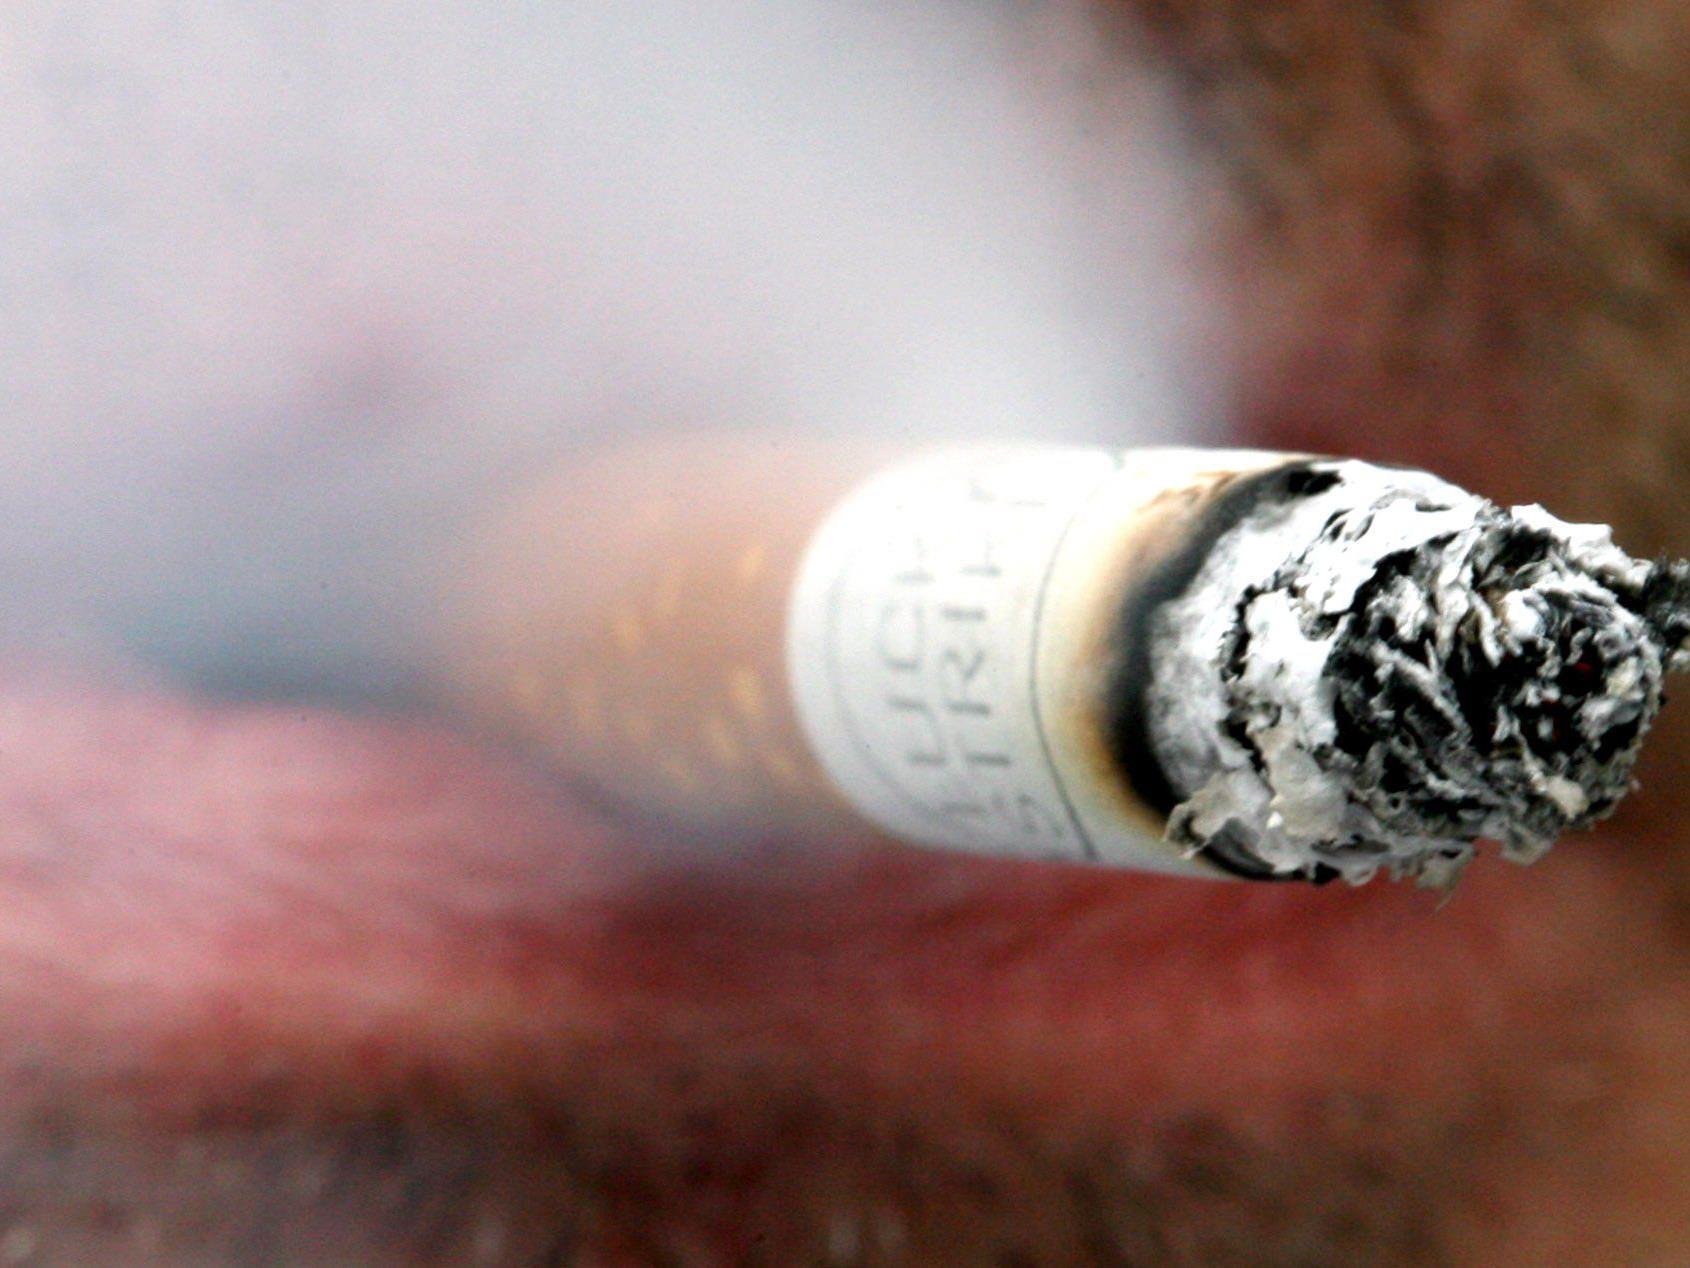 Die Erhöhung der Tabaksteuer bringt höchstens 750 Mio. Euro für die Staatskassen.